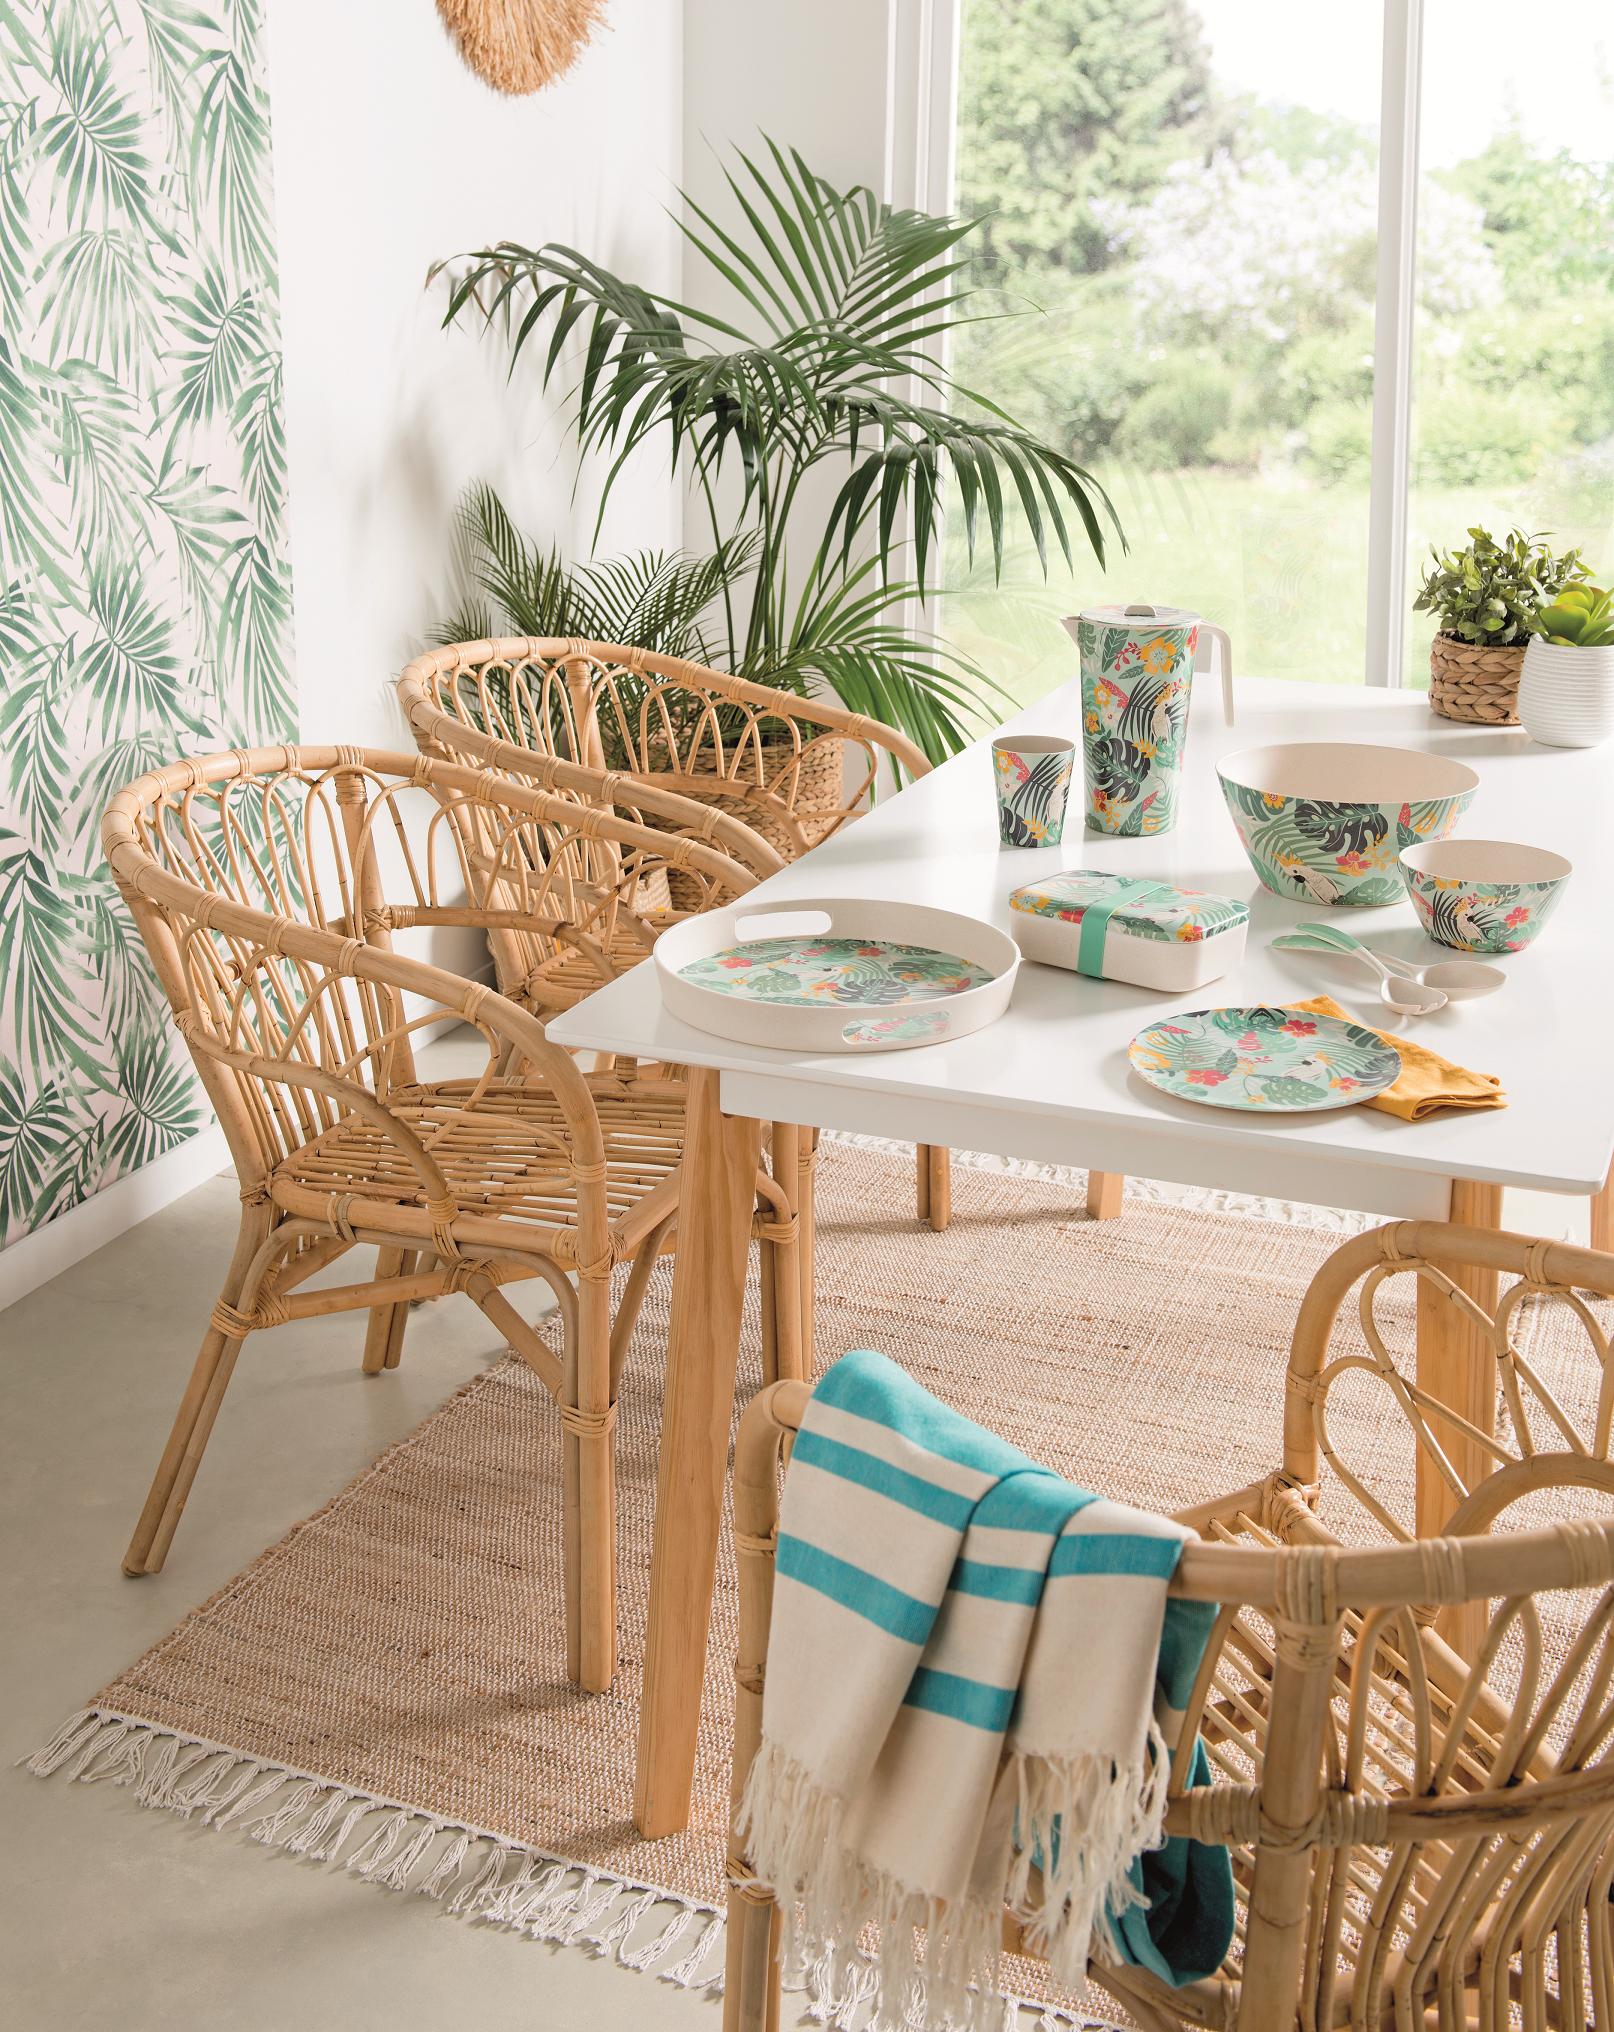 Ambiance Jungle Tropicale La Foir Fouille En 2020 Deco Jungle Magasin Decoration Decoration Moderne